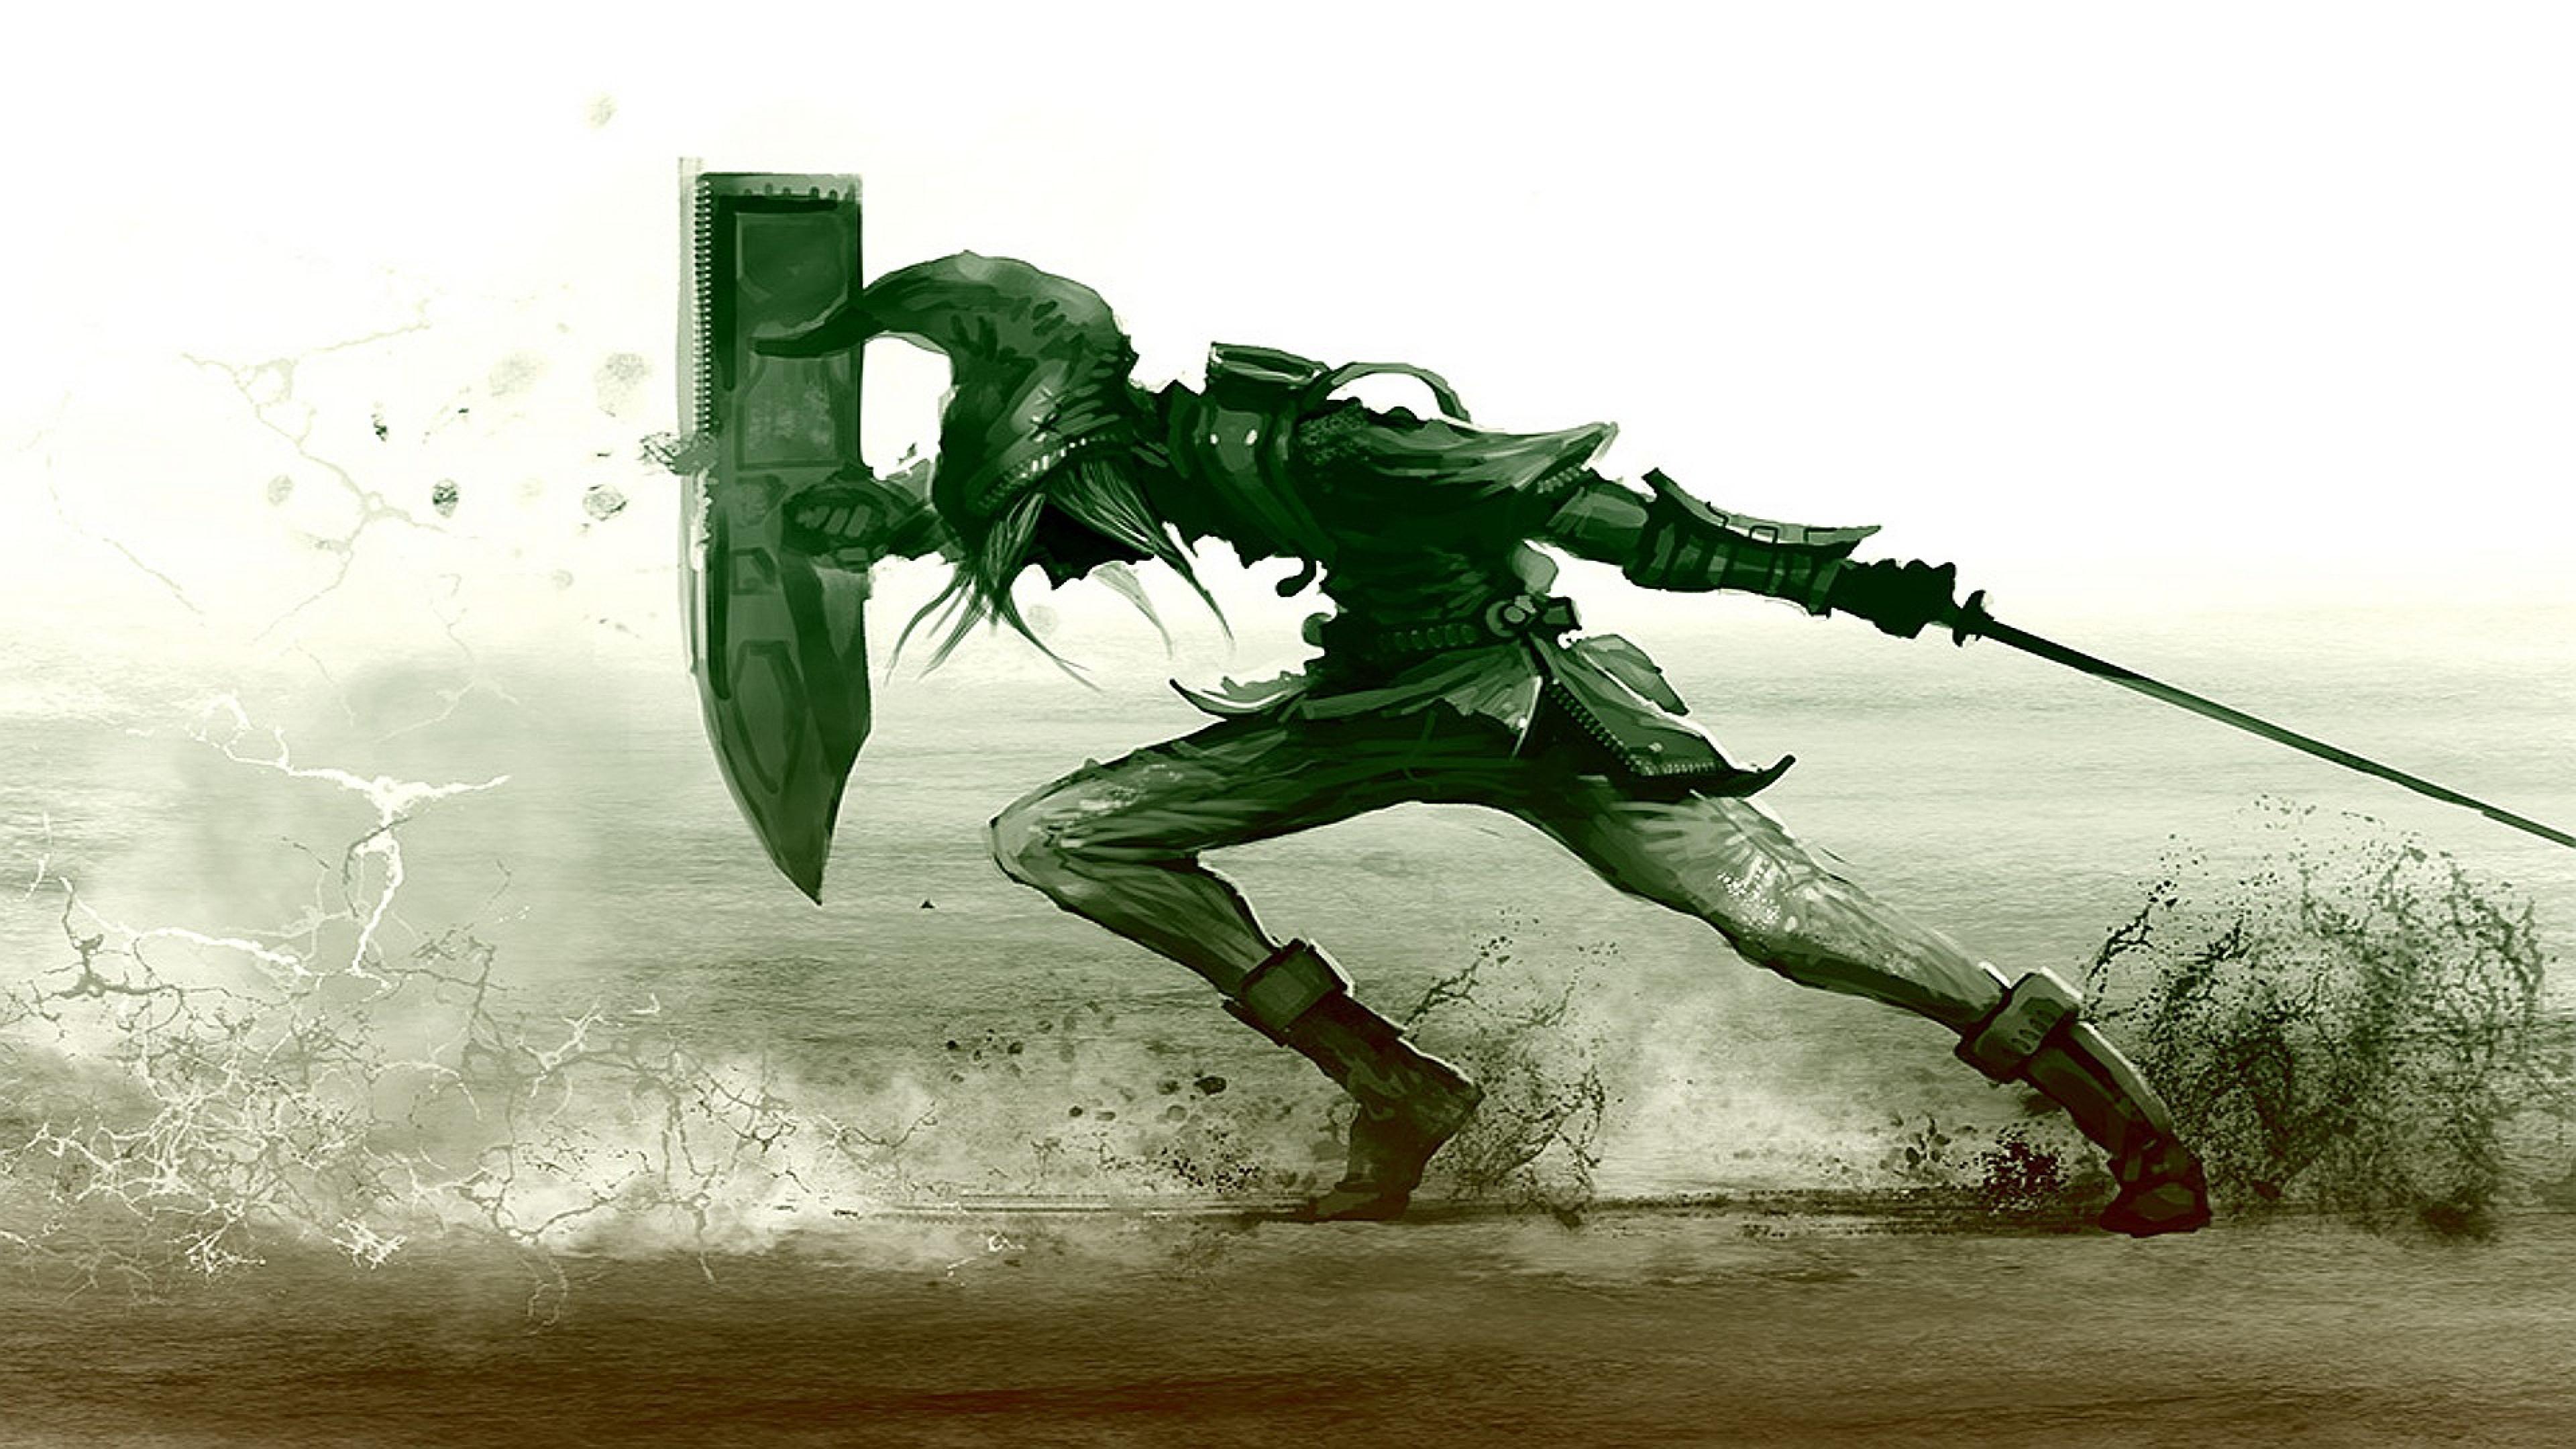 Wallpaper 3840x2160 The legend of zelda Shield Sword Sand Link 4K 3840x2160